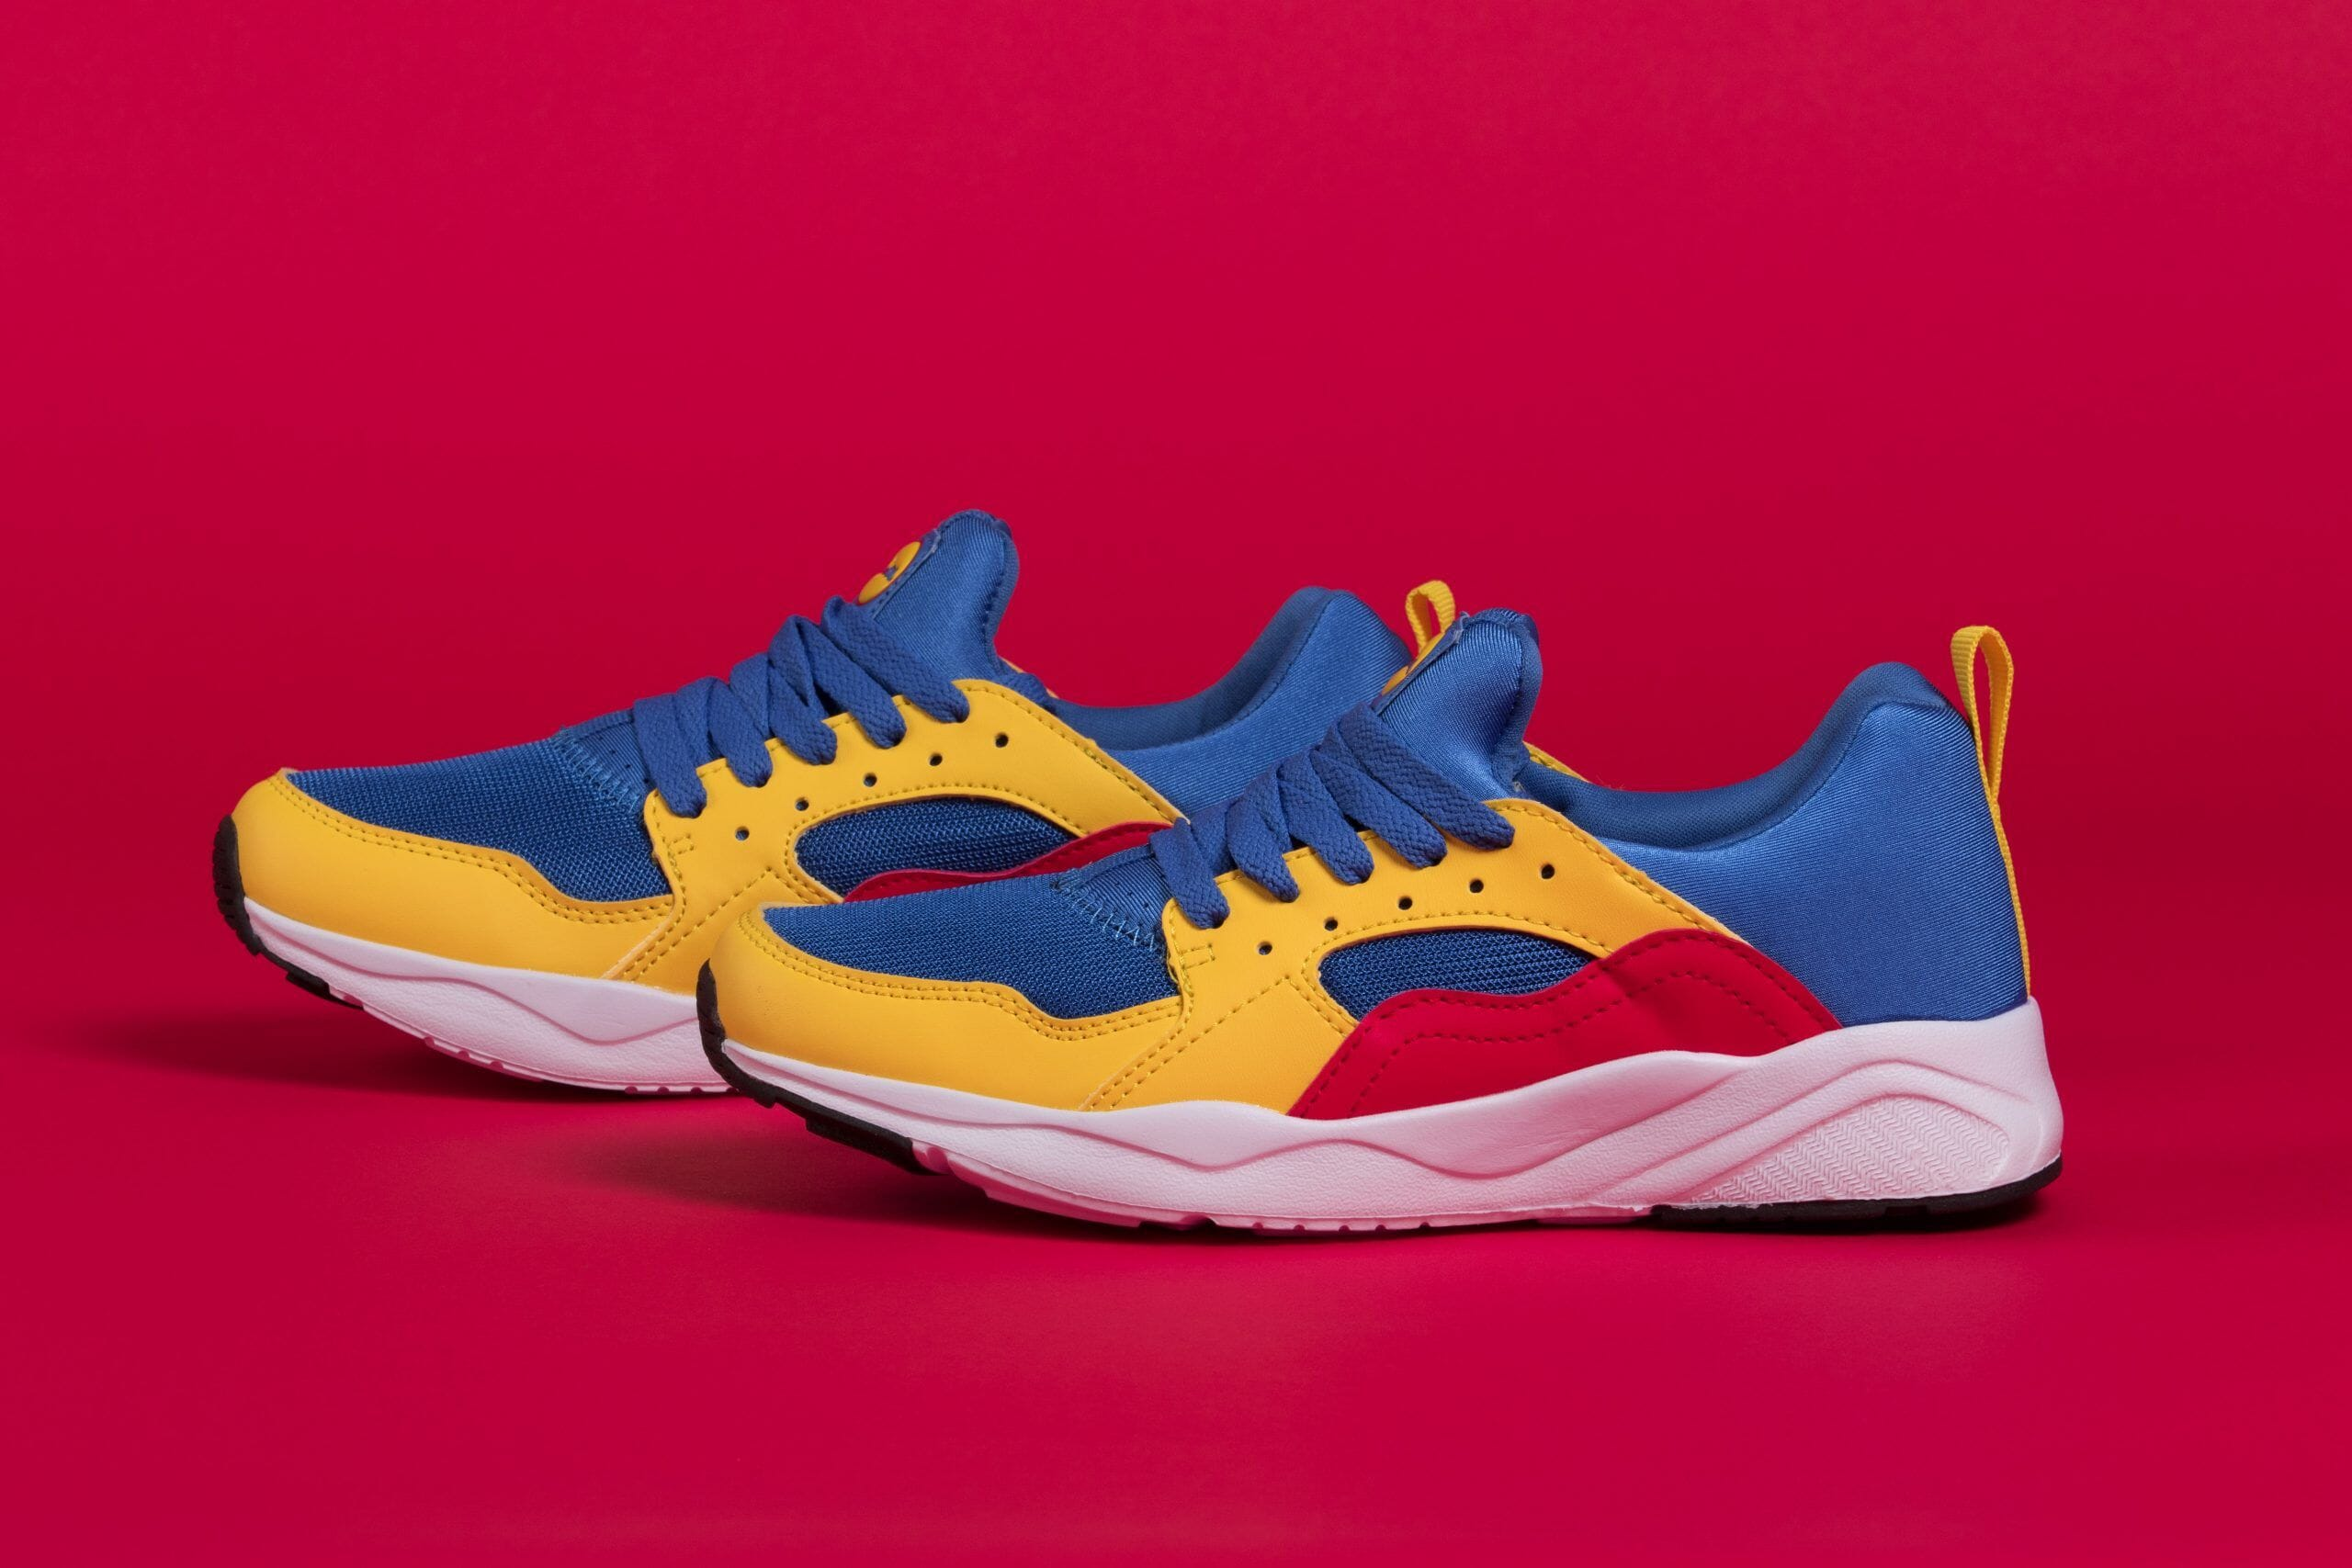 zapatillas-lidl-fotografia-de-producto-alta-fidelidad-en-colores-pictureo-fotografia